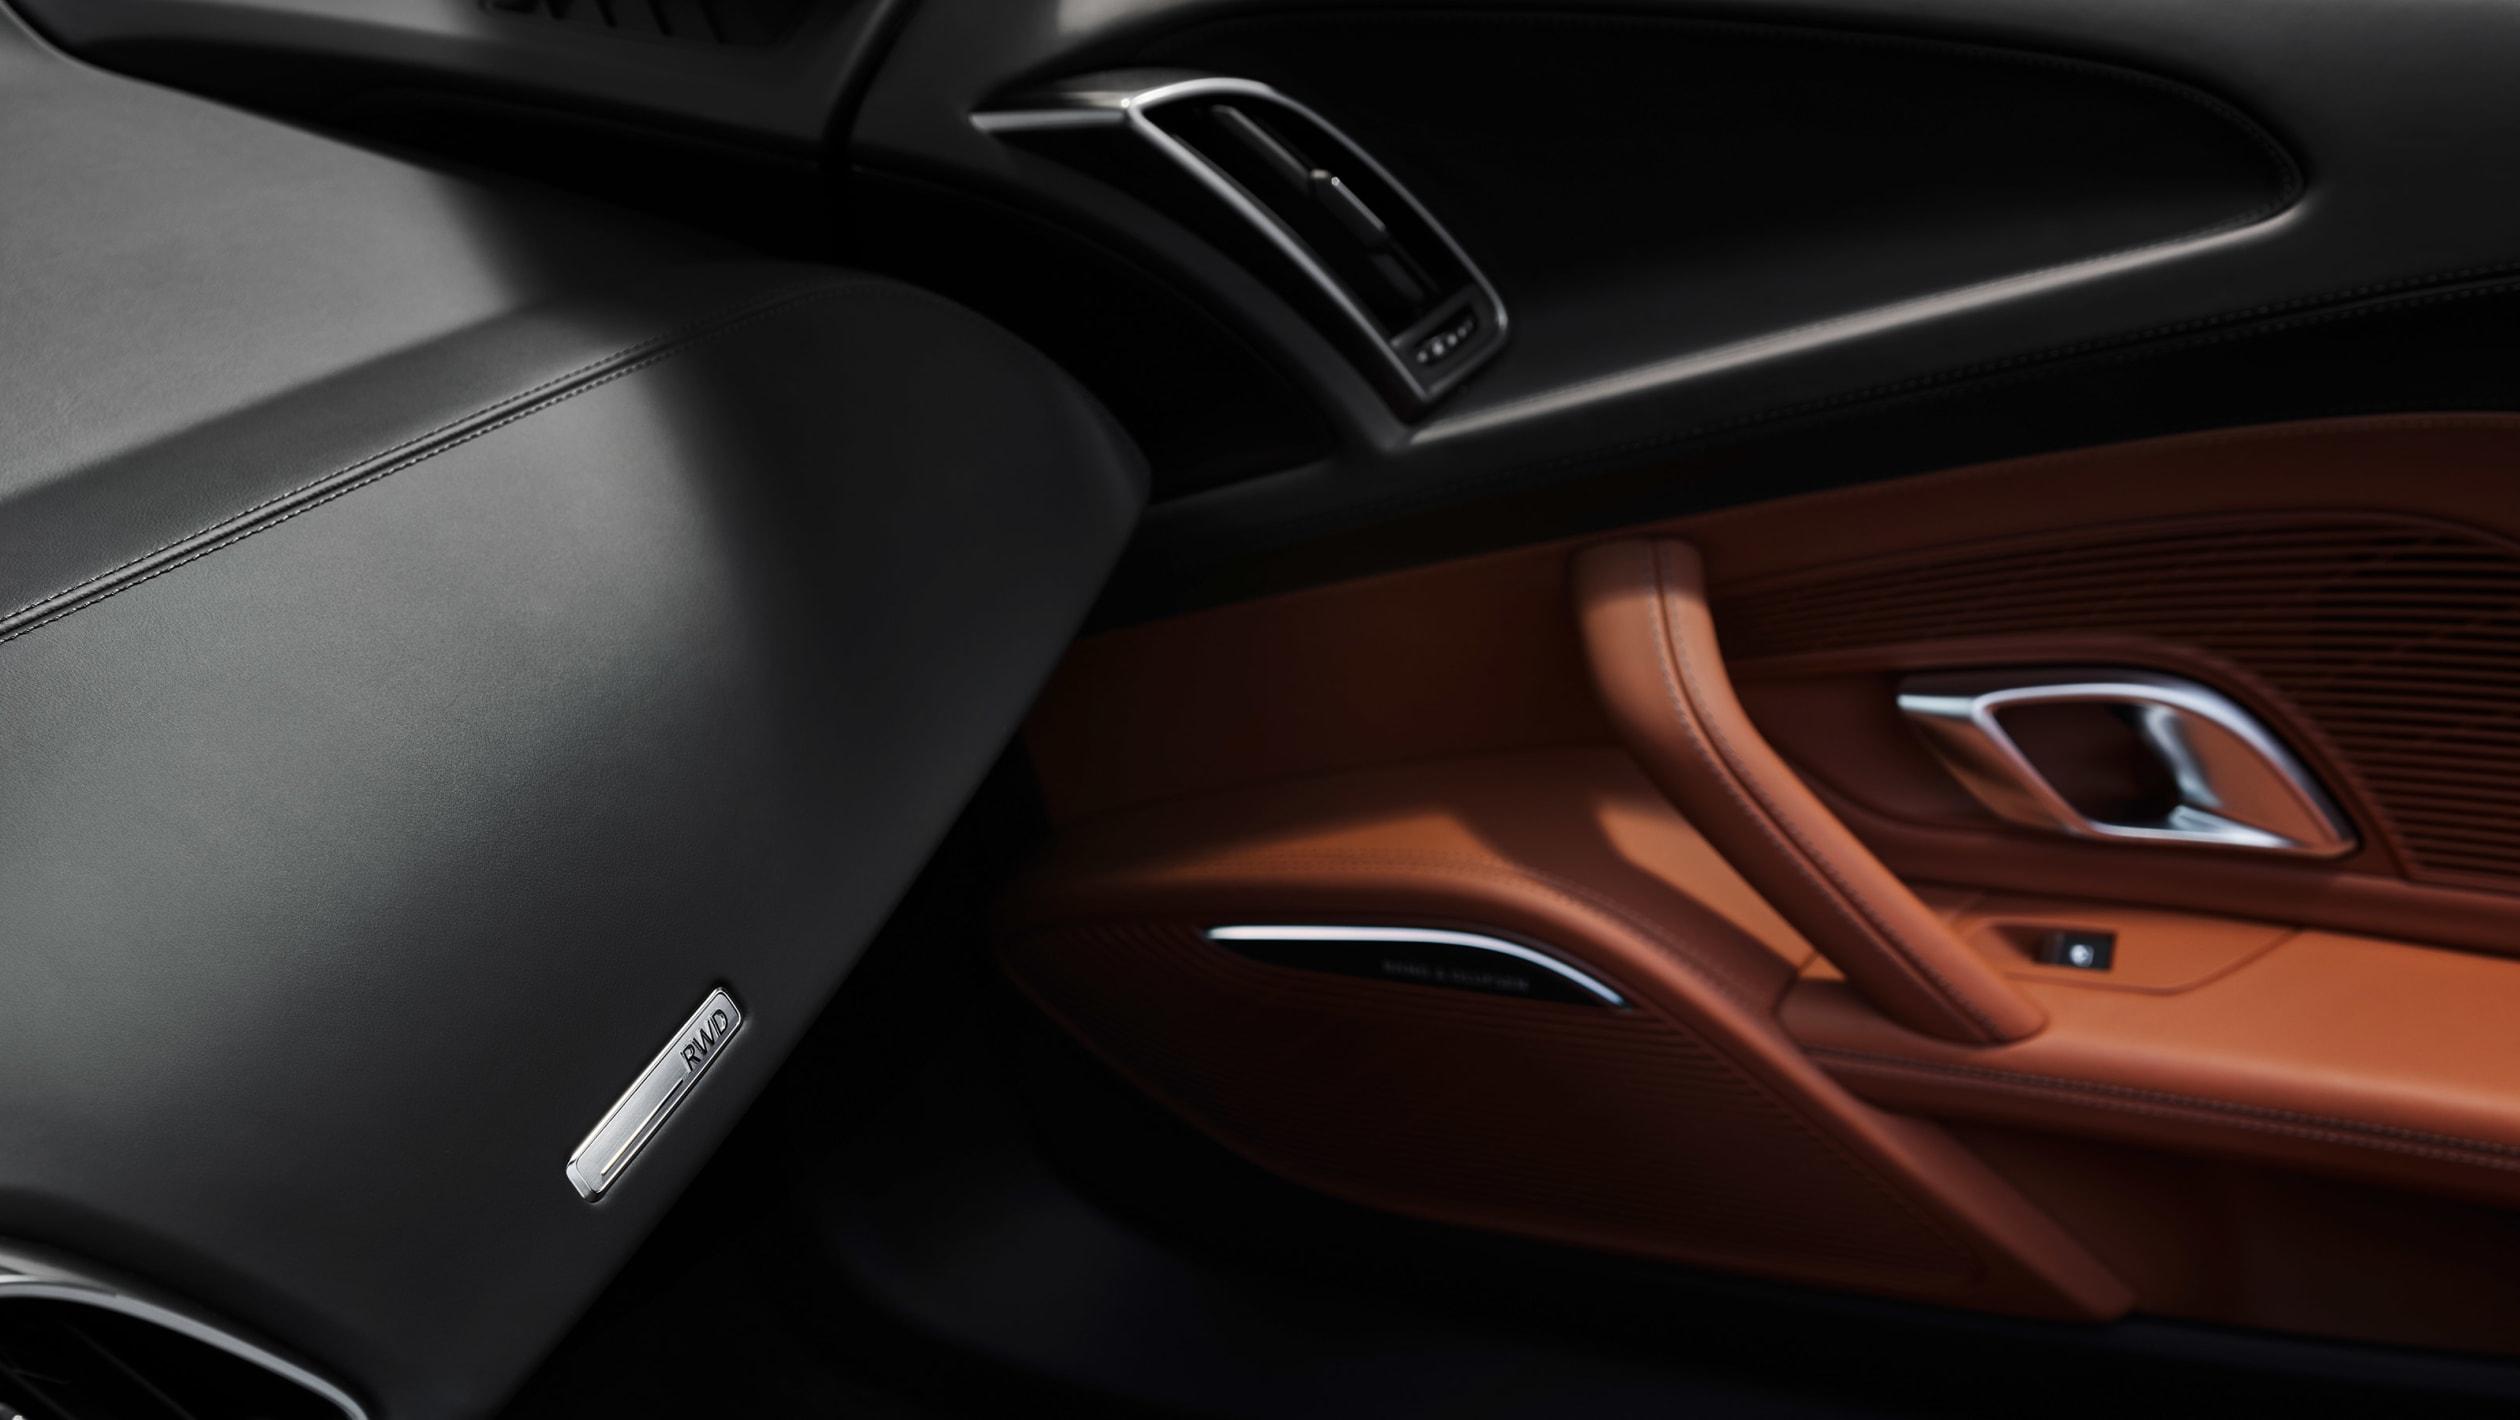 Audi добавил новую модель в линейку R8 в виде R8 V10 Performance RWD, который станет новой точкой входа в линейку спортивных автомобилей R8, когда он поступит в продажу 21 октября.